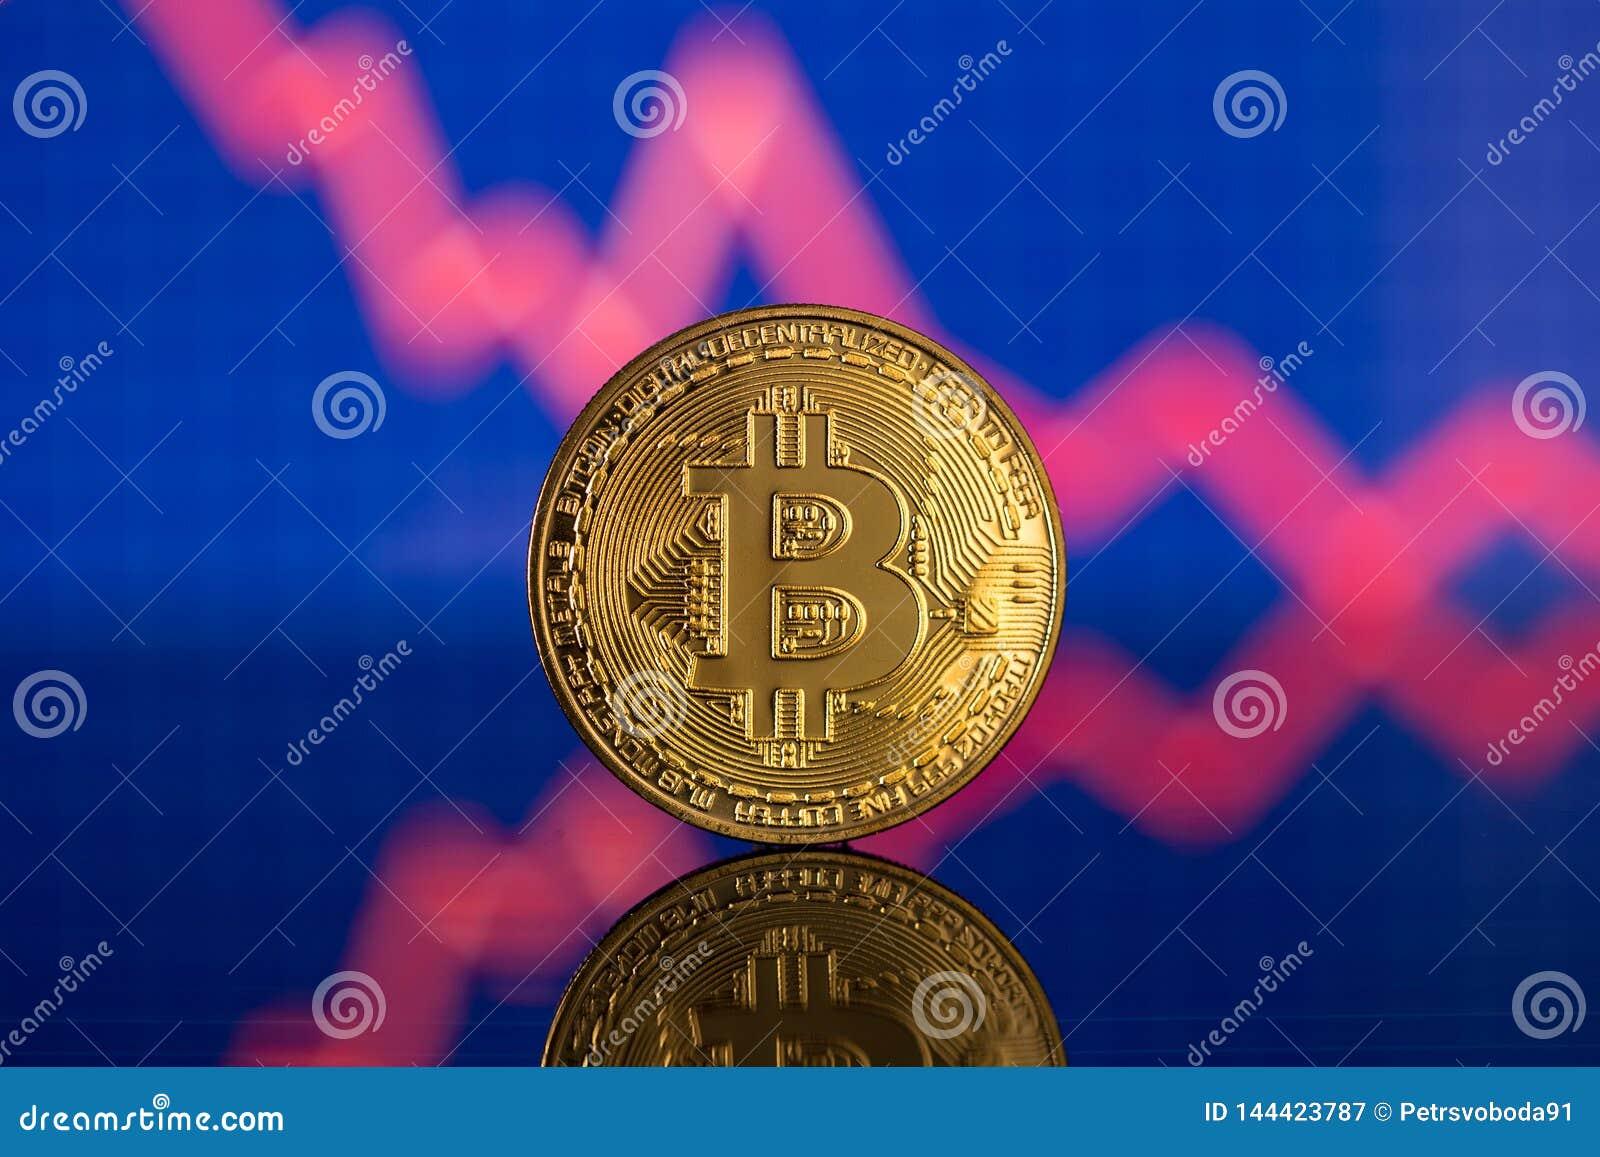 lockchain coin price